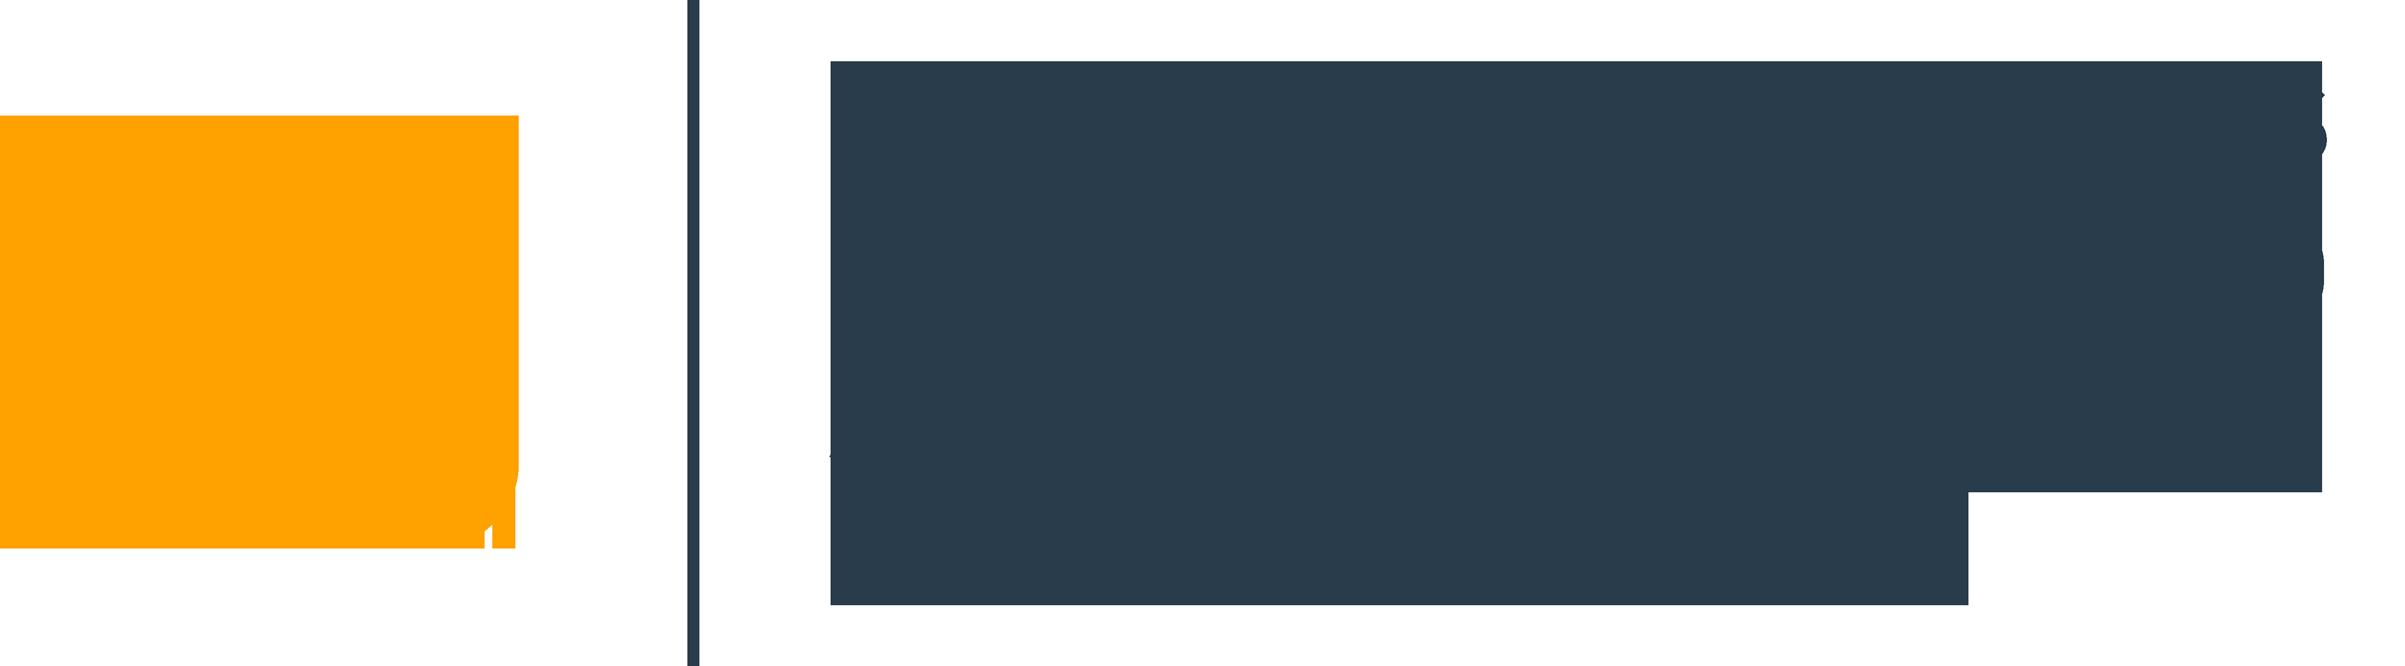 INVESTIGACIONES ARTÍSTICAS EN PROGRAMAS DE DOCTORADO